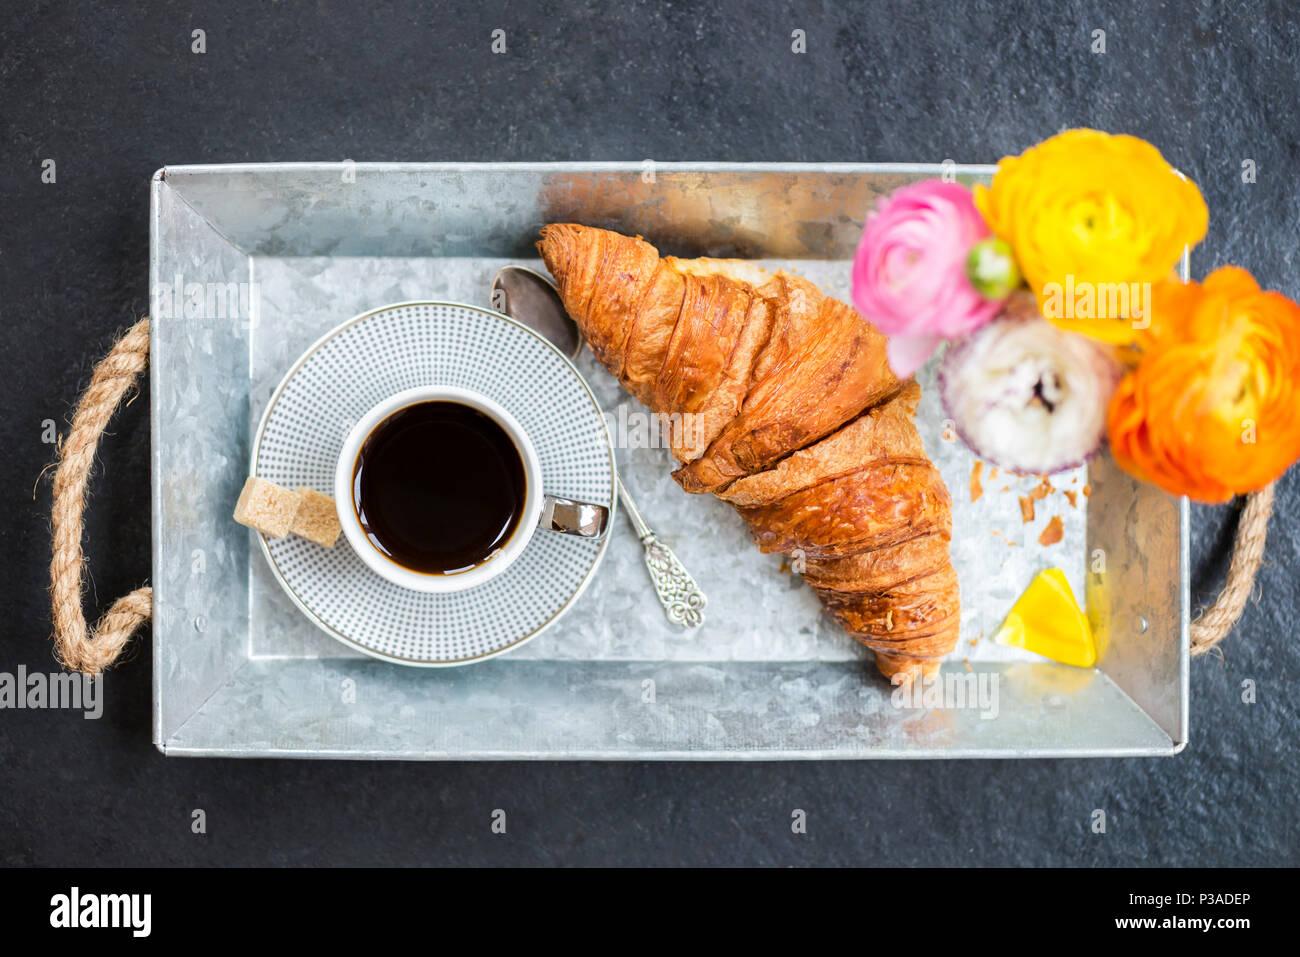 Leichtes Frühstück aus frischen Croissant und Kaffee auf der grauen Fach, Ranunculus Blumen in der Nähe Stockfoto